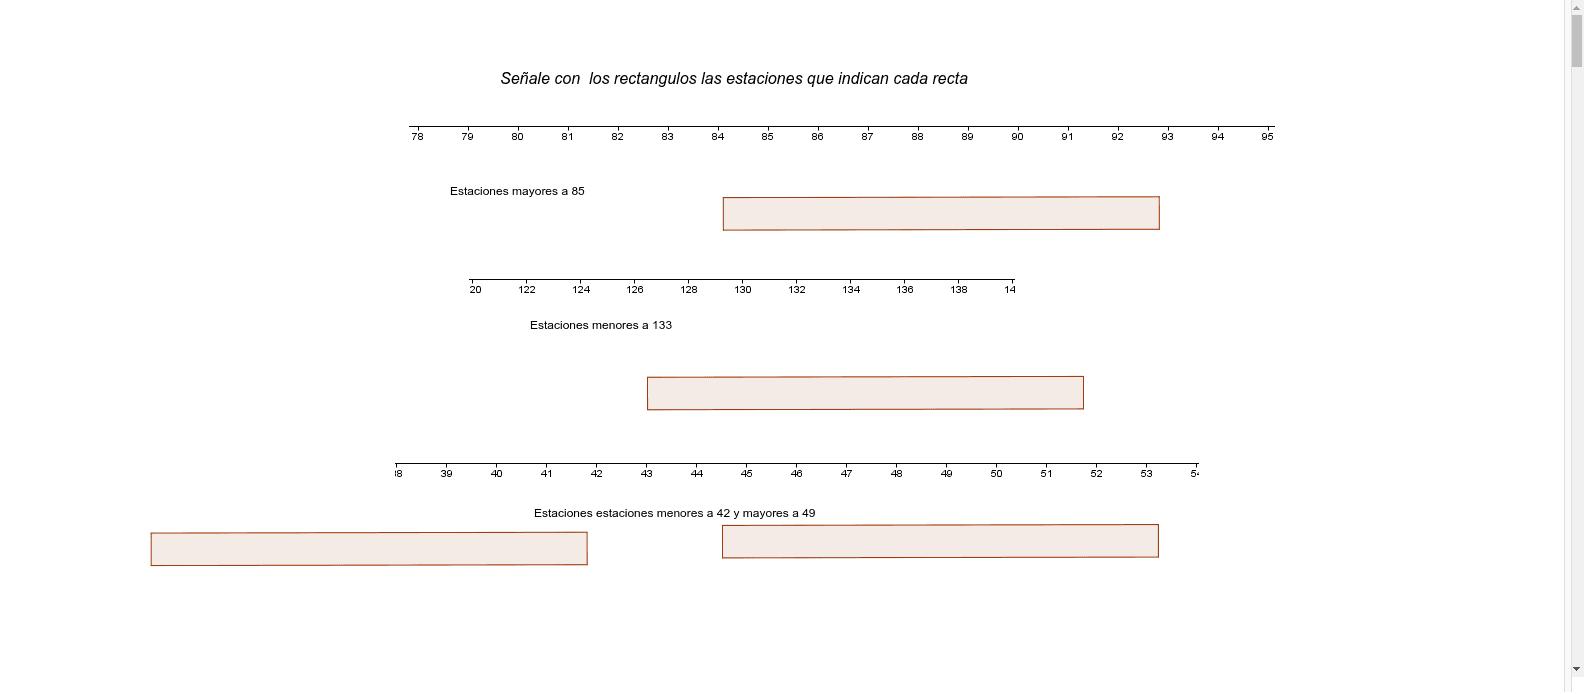 con la barras señala el enunciado indicado bajo cada segmento de recta Presiona Intro para comenzar la actividad